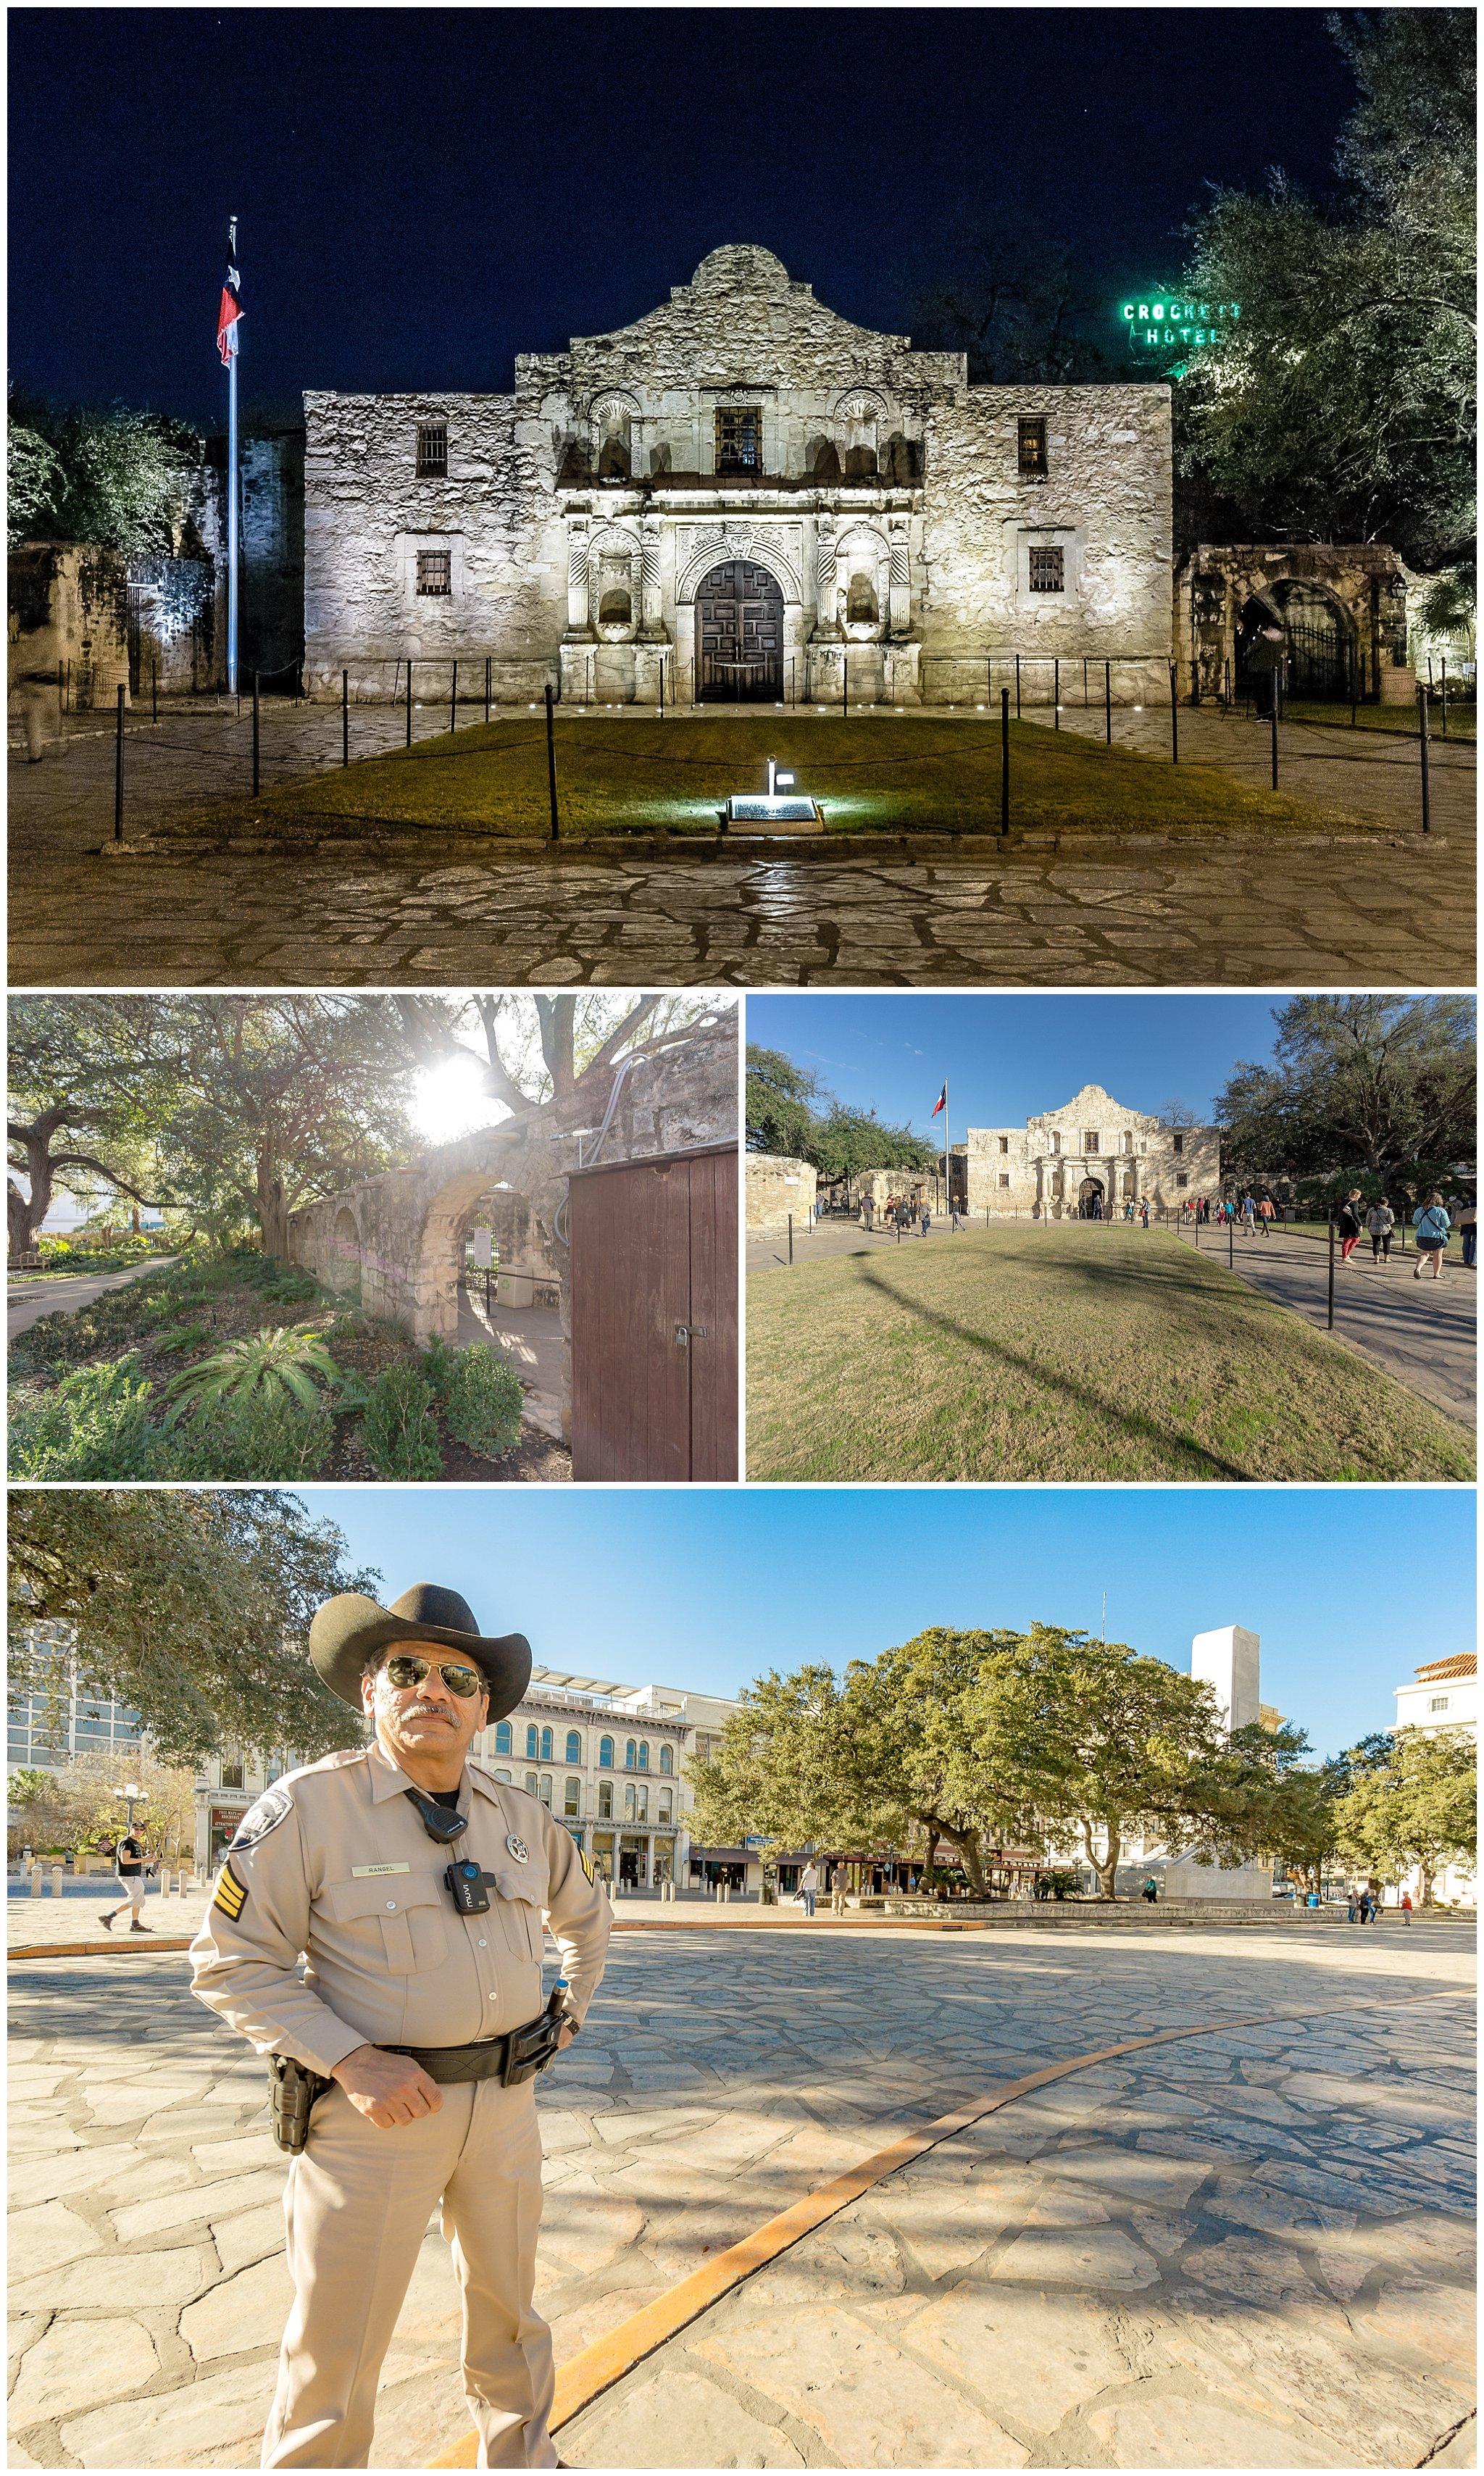 Nighttime Alamo, Garden at The Alamo, Daytime Alamo, Kickass Ranger at The Alamo